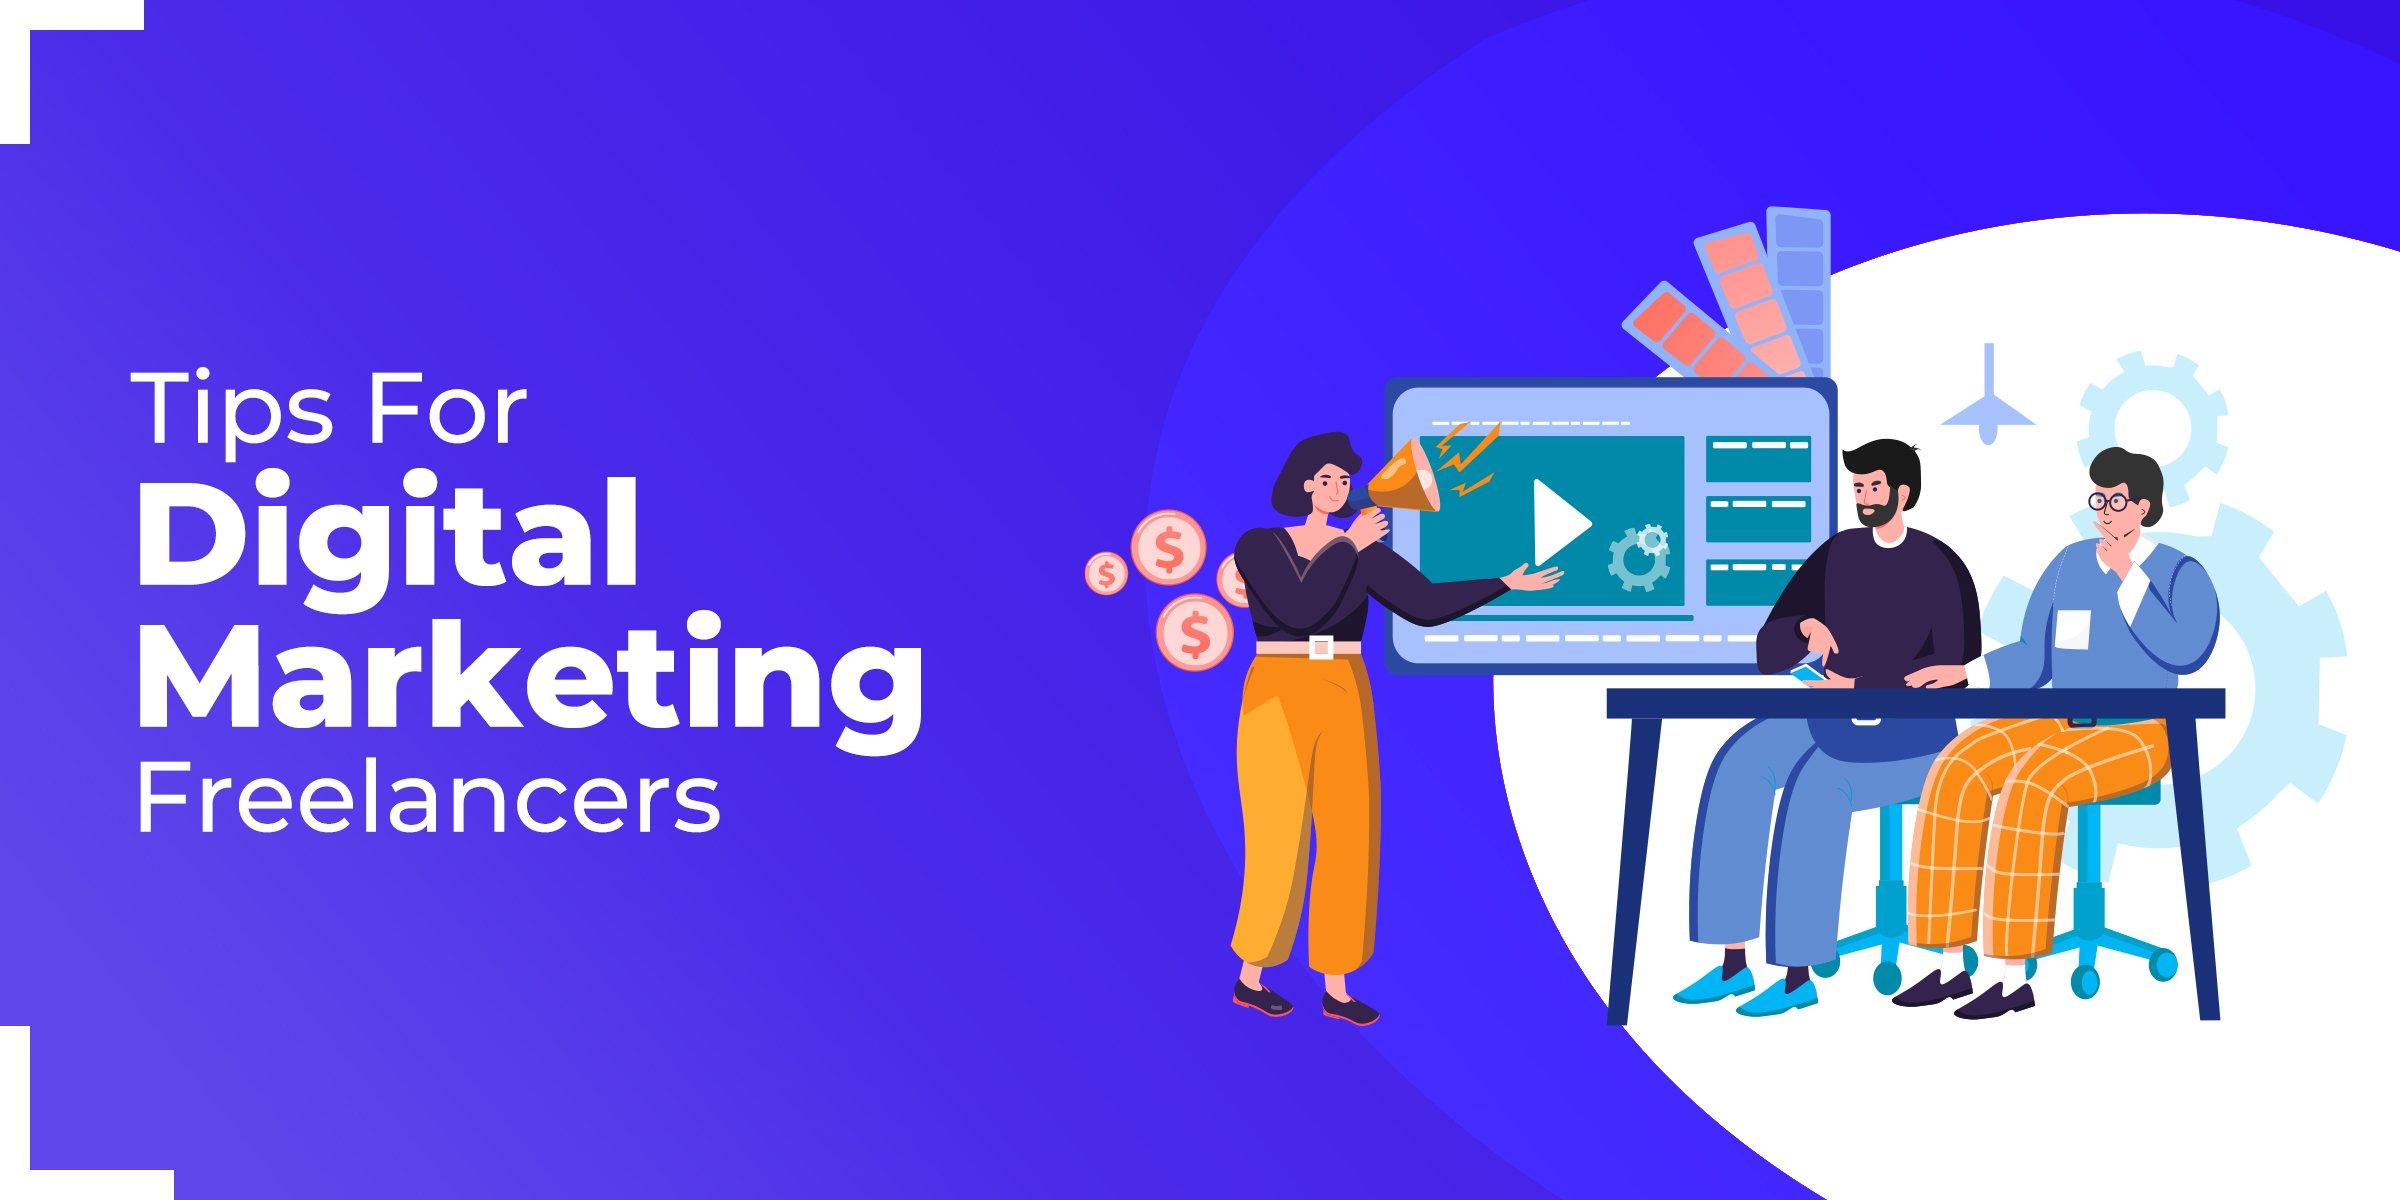 Tips for Digital Marketing Freelancers